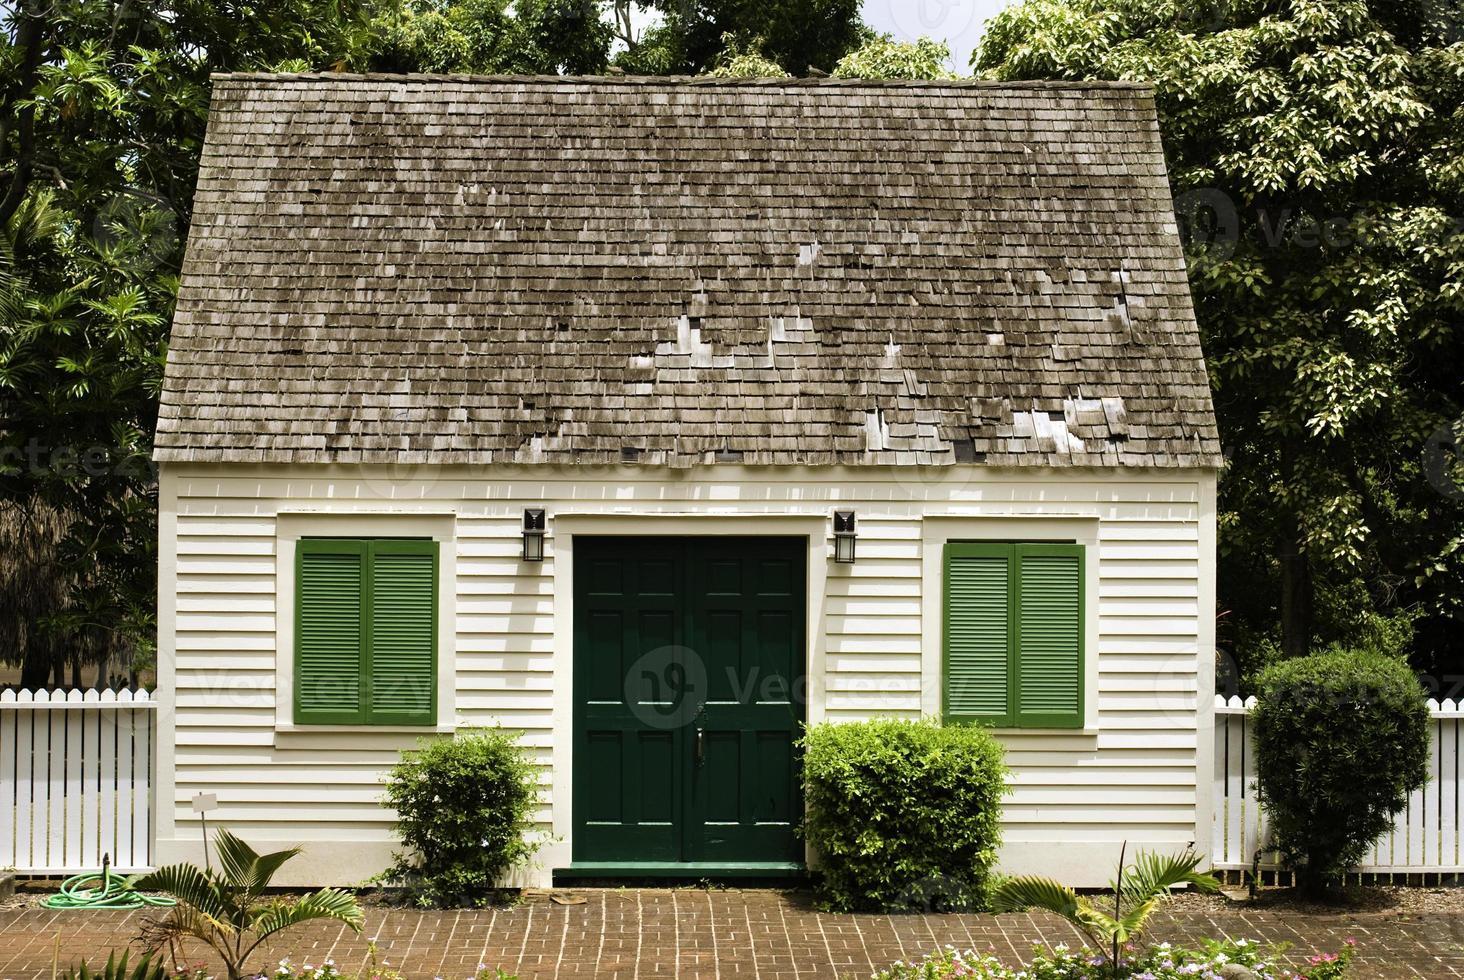 huisje met bakstenen voortuin en witte houten schutting foto